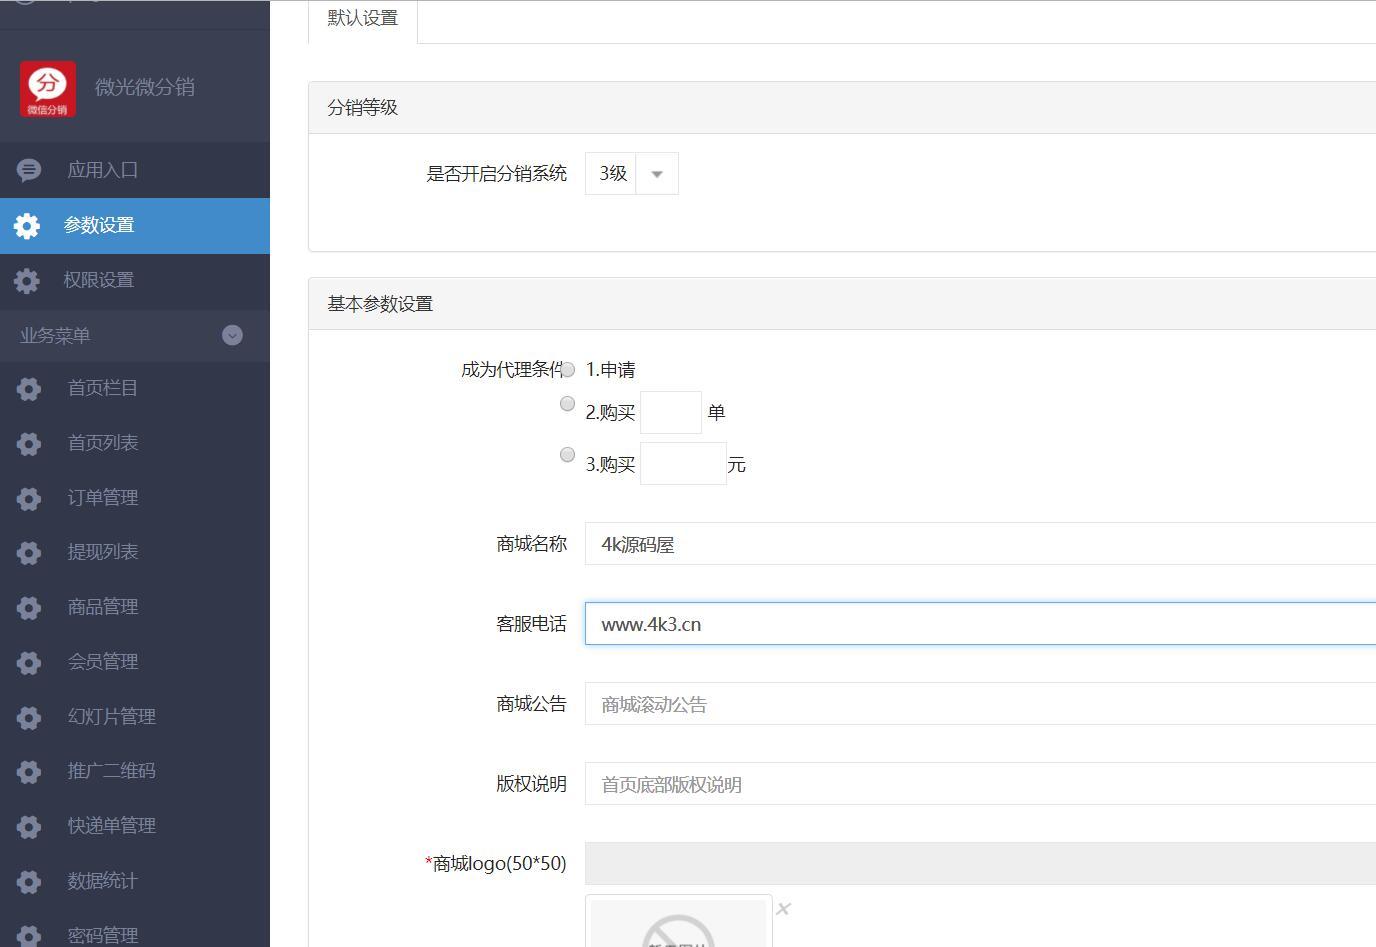 微信微赞微光微分销安装更新一体包 专业分销 推广二维码